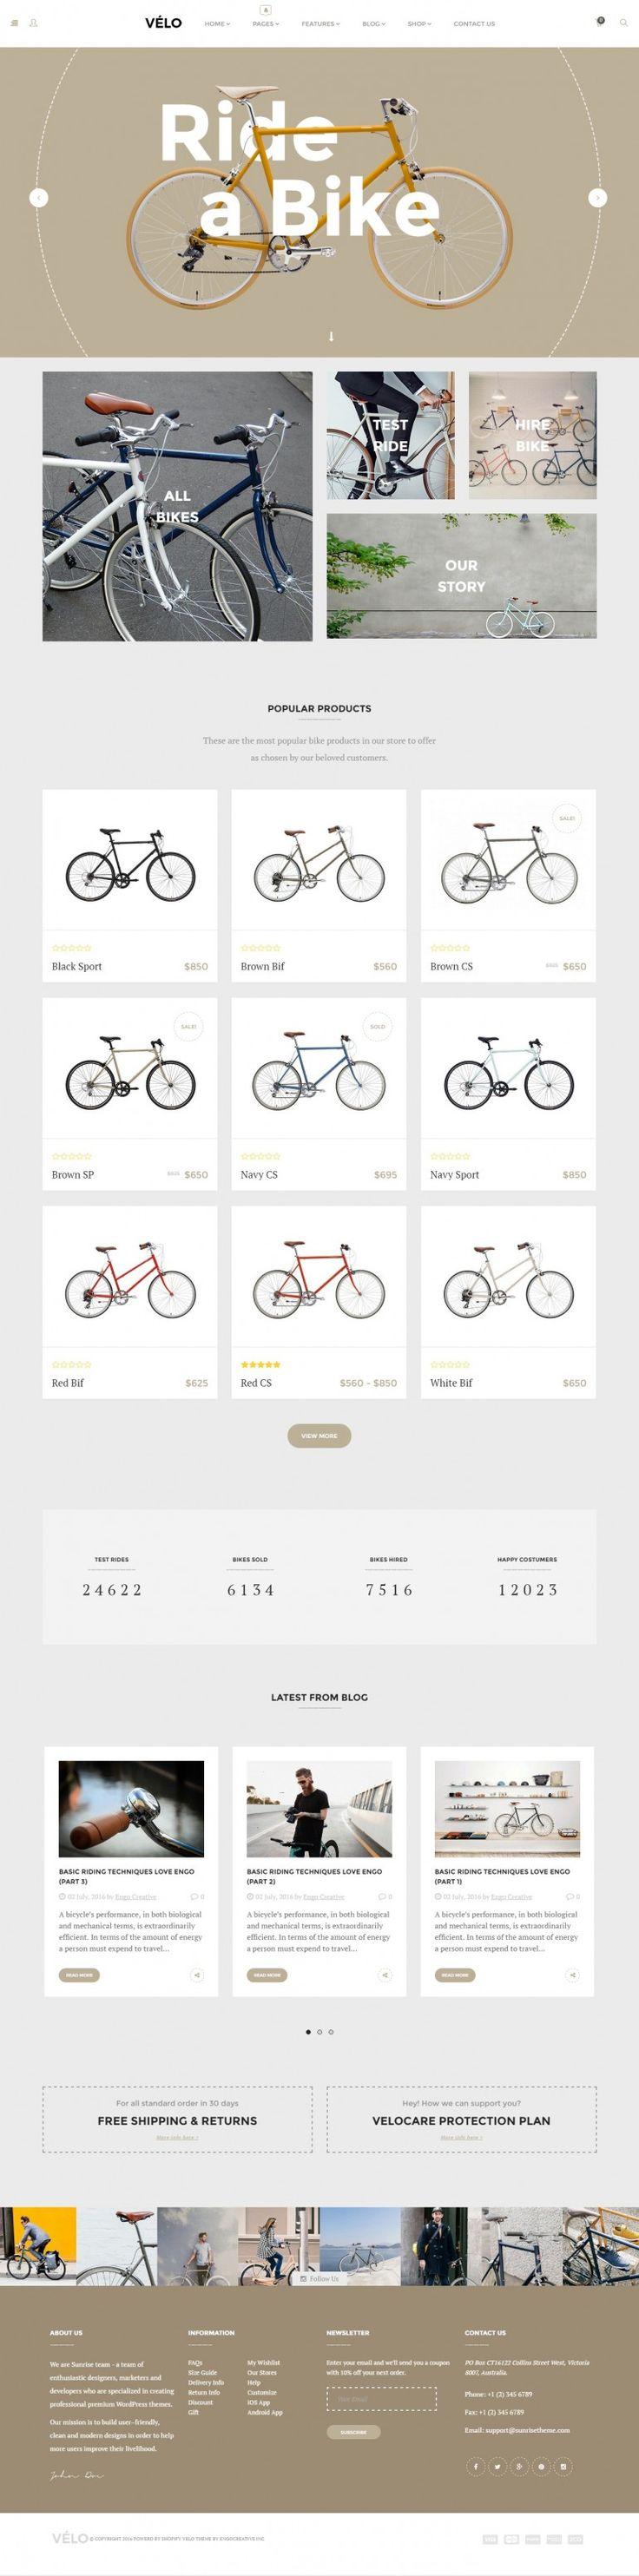 Velo – Bike Store on